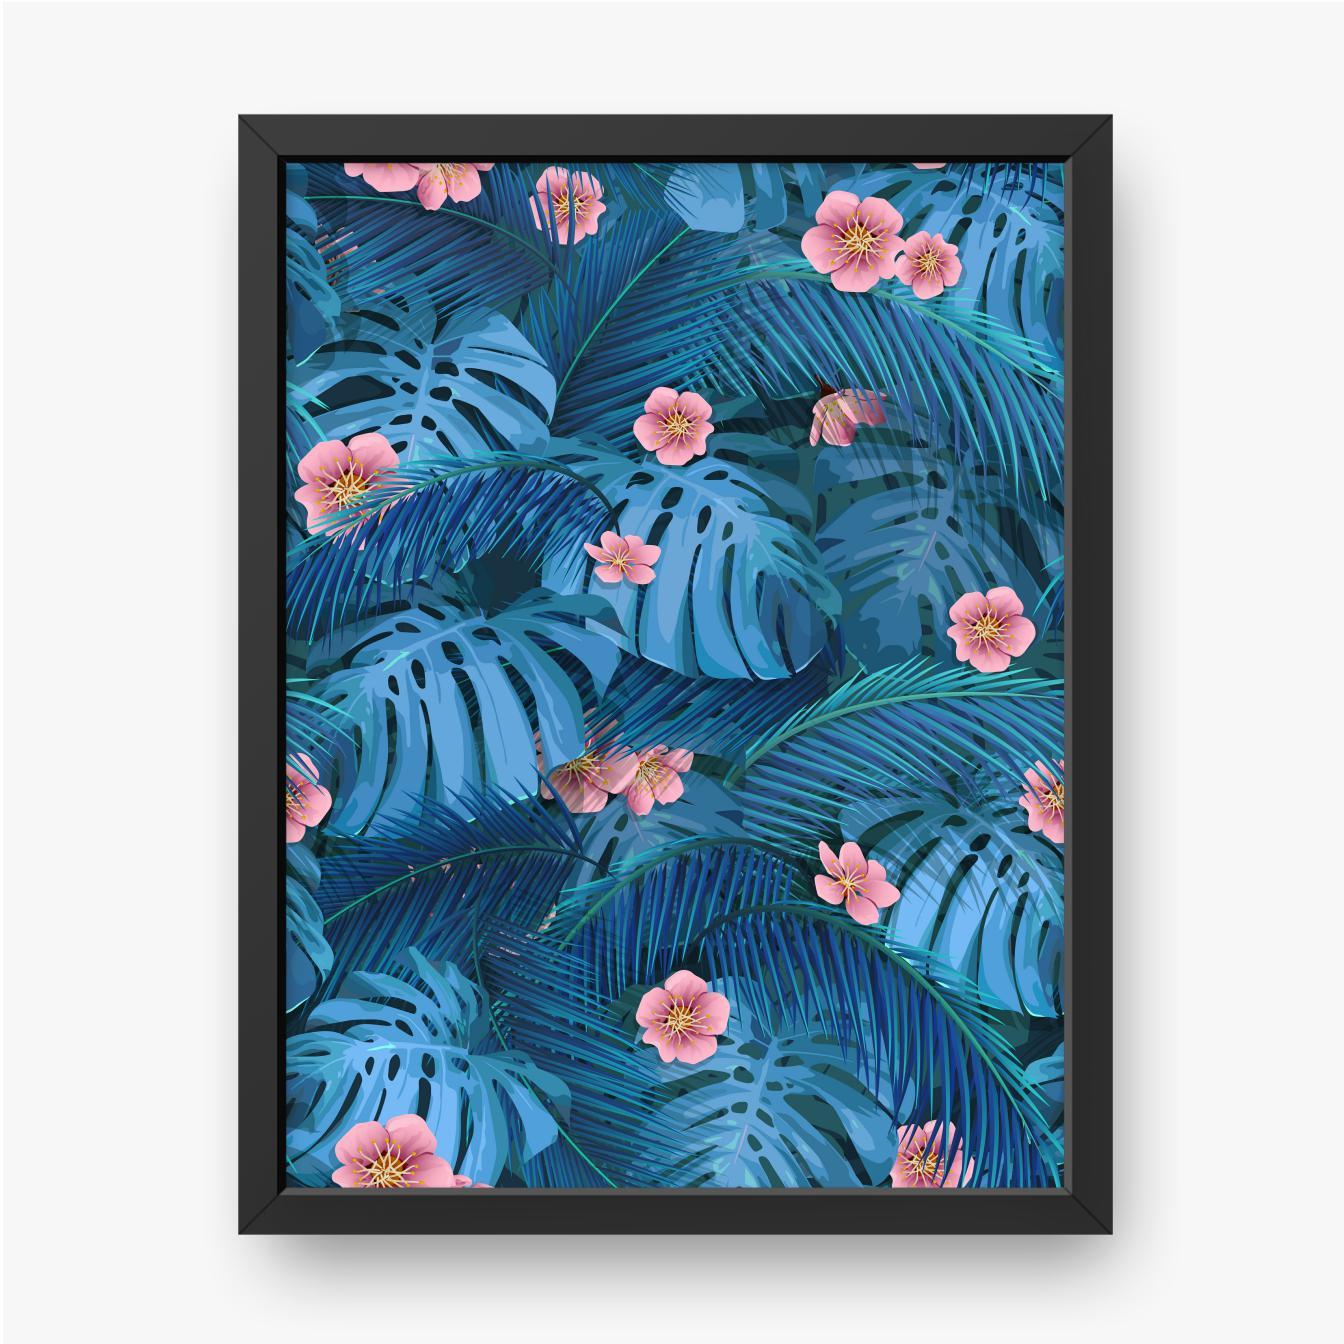 Rosa Blüten mit Blättern von Monstera und Bananenpalme